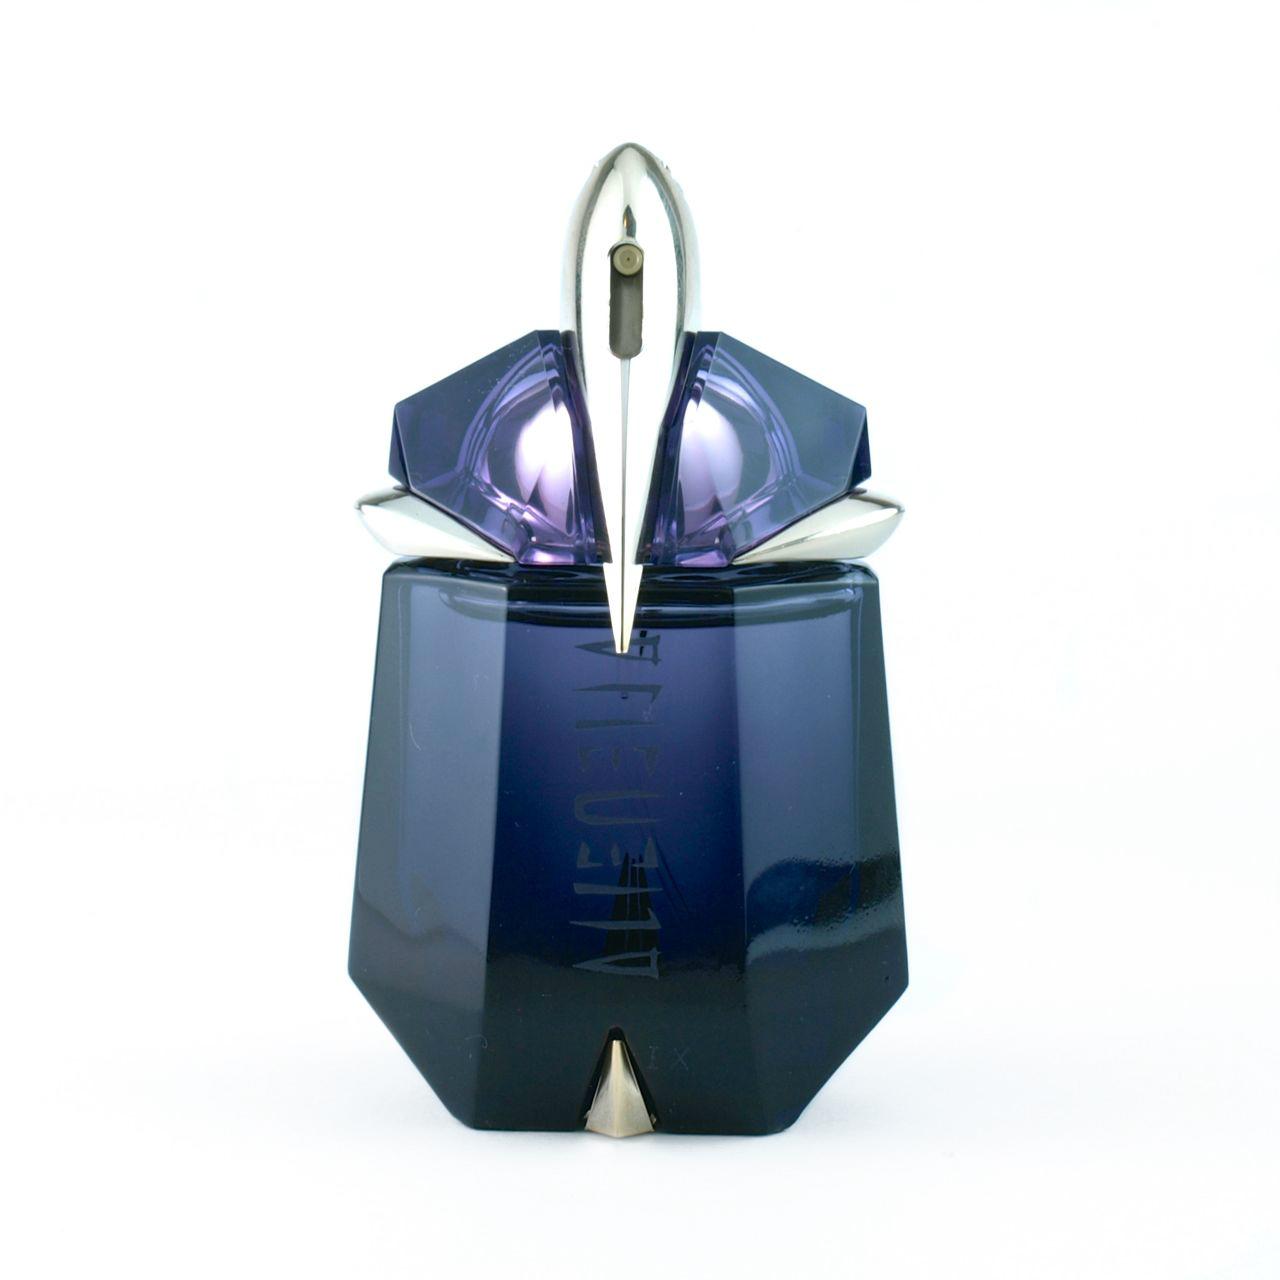 alien thierry mugler eau de parfum review the happy. Black Bedroom Furniture Sets. Home Design Ideas